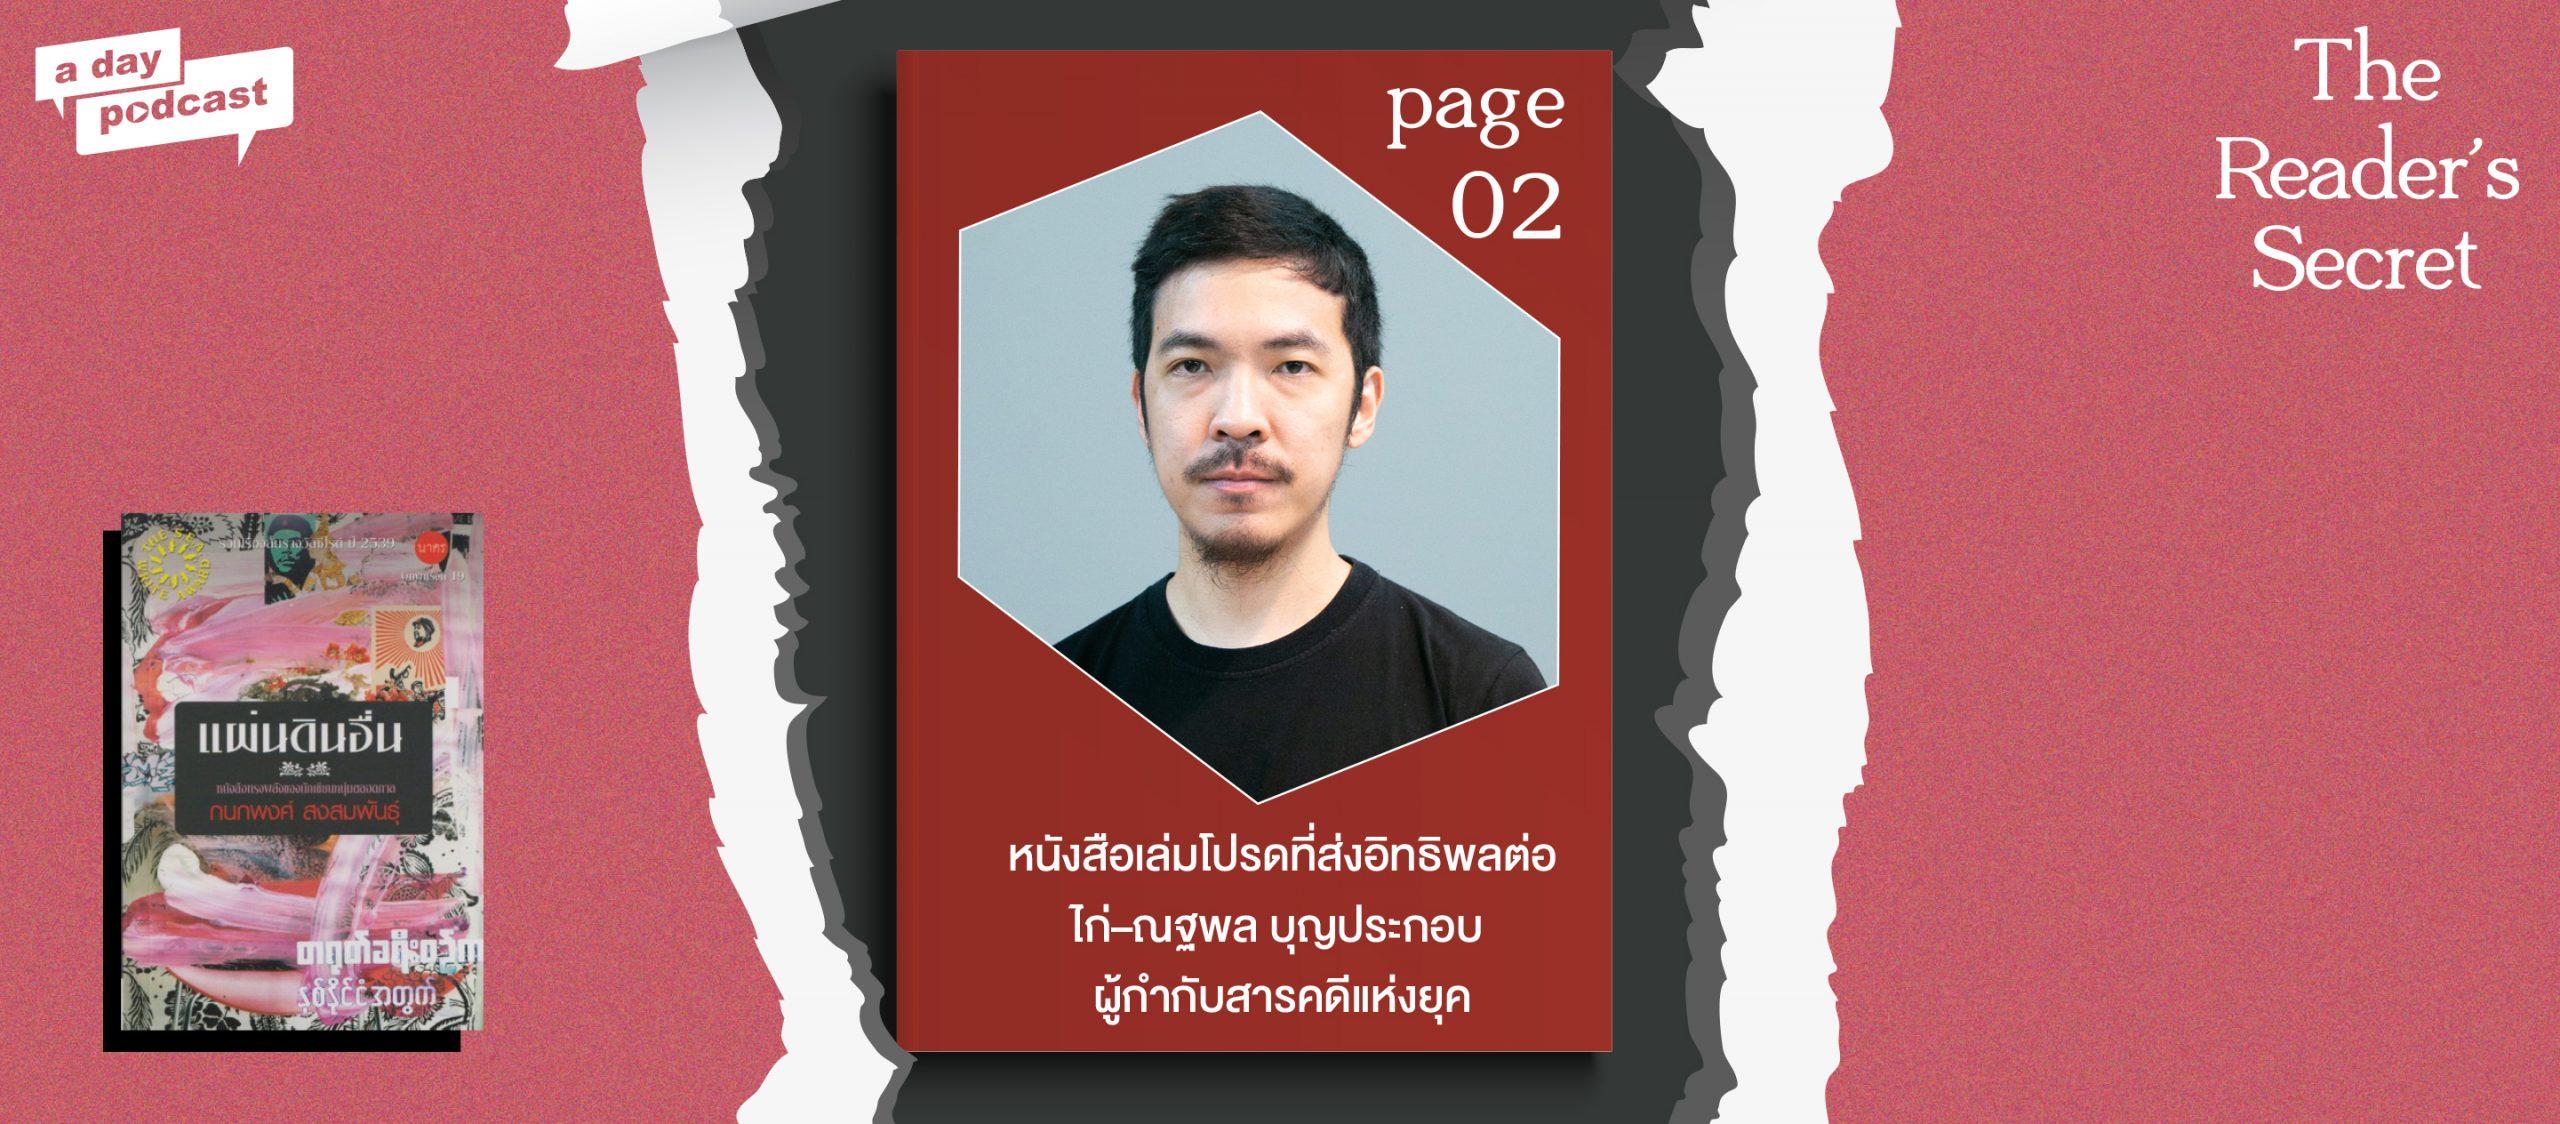 The Reader's Secret EP.02 หนังสือเล่มโปรดที่ส่งอิทธิพลต่อ ไก่–ณฐพล บุญประกอบ ผู้กำกับสารคดีแห่งยุค